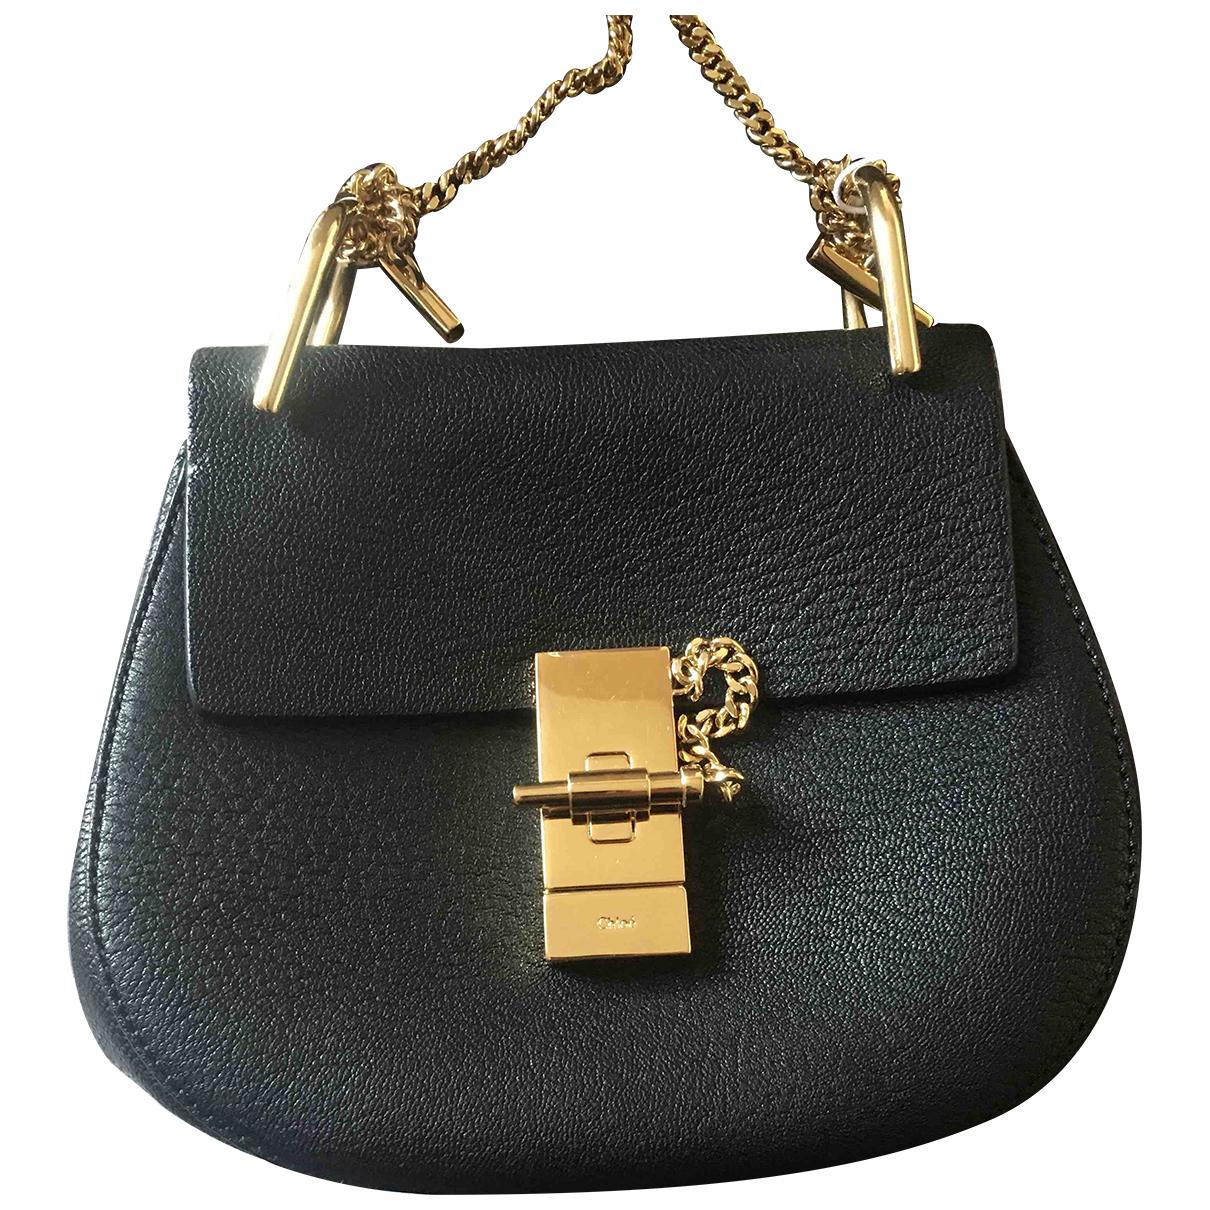 Chloé Drew Black Leather handbag for Women N